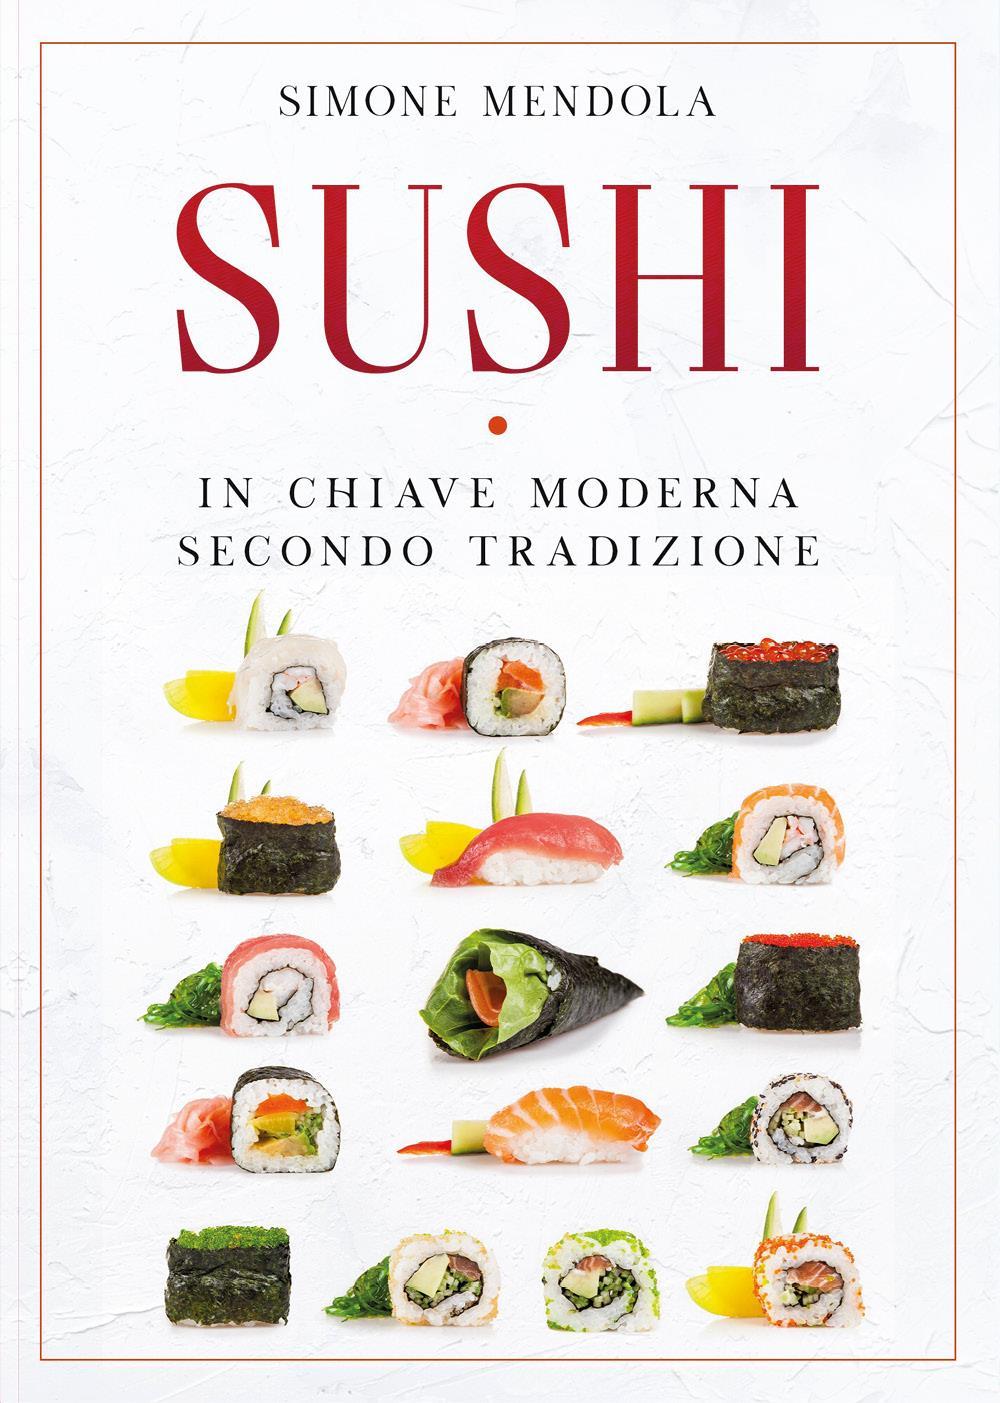 Sushi in chiave moderna secondo tradizione